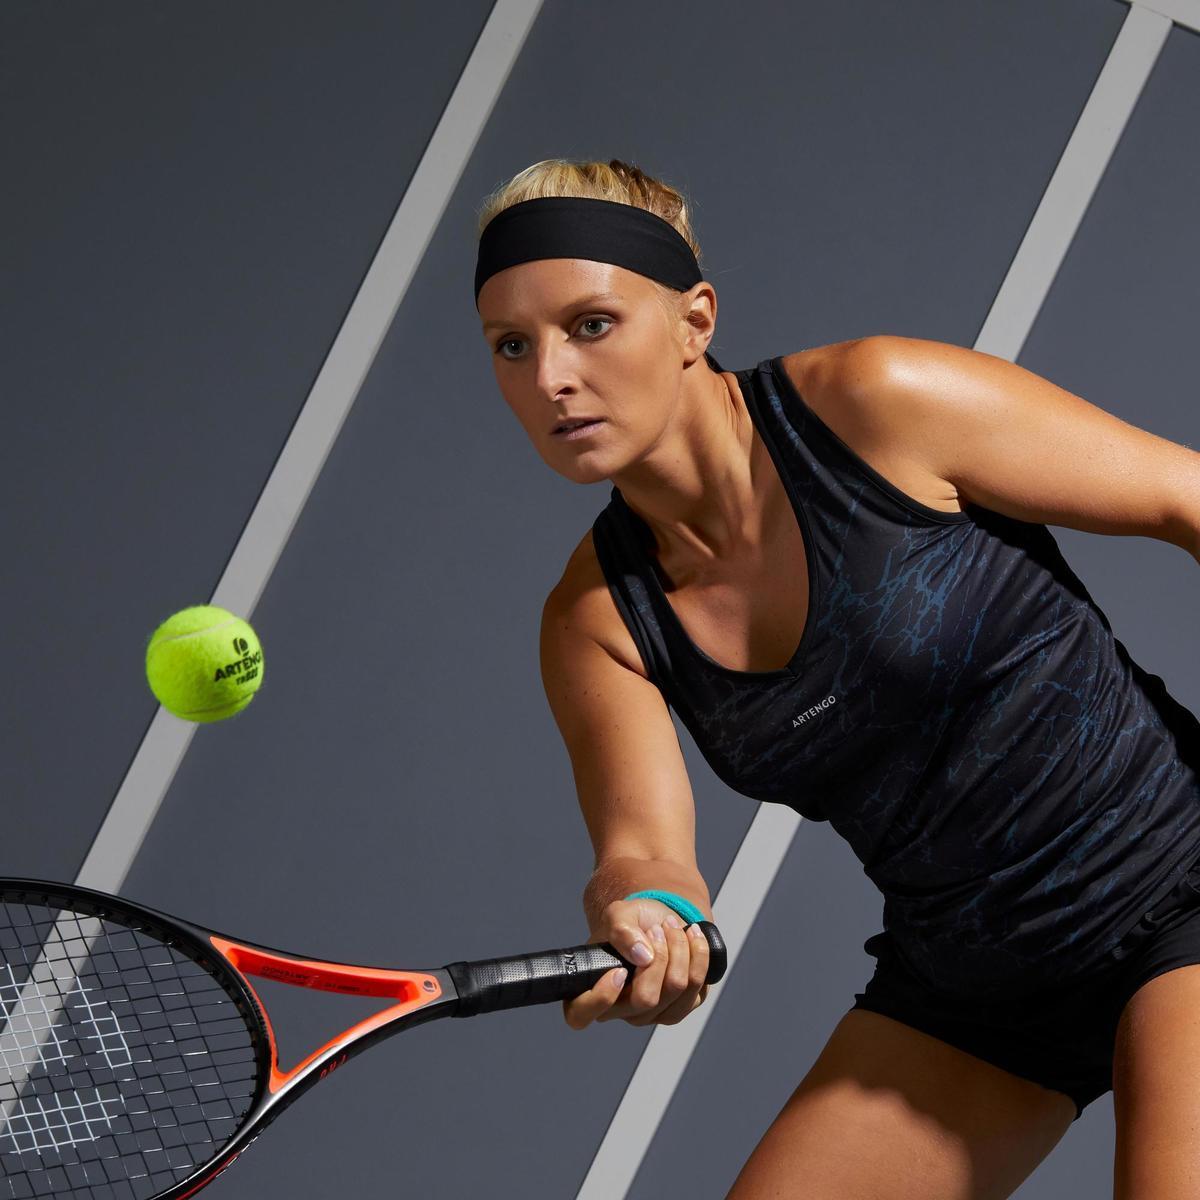 Bild 5 von Tennis-Top TK Light 900 Damen schwarz